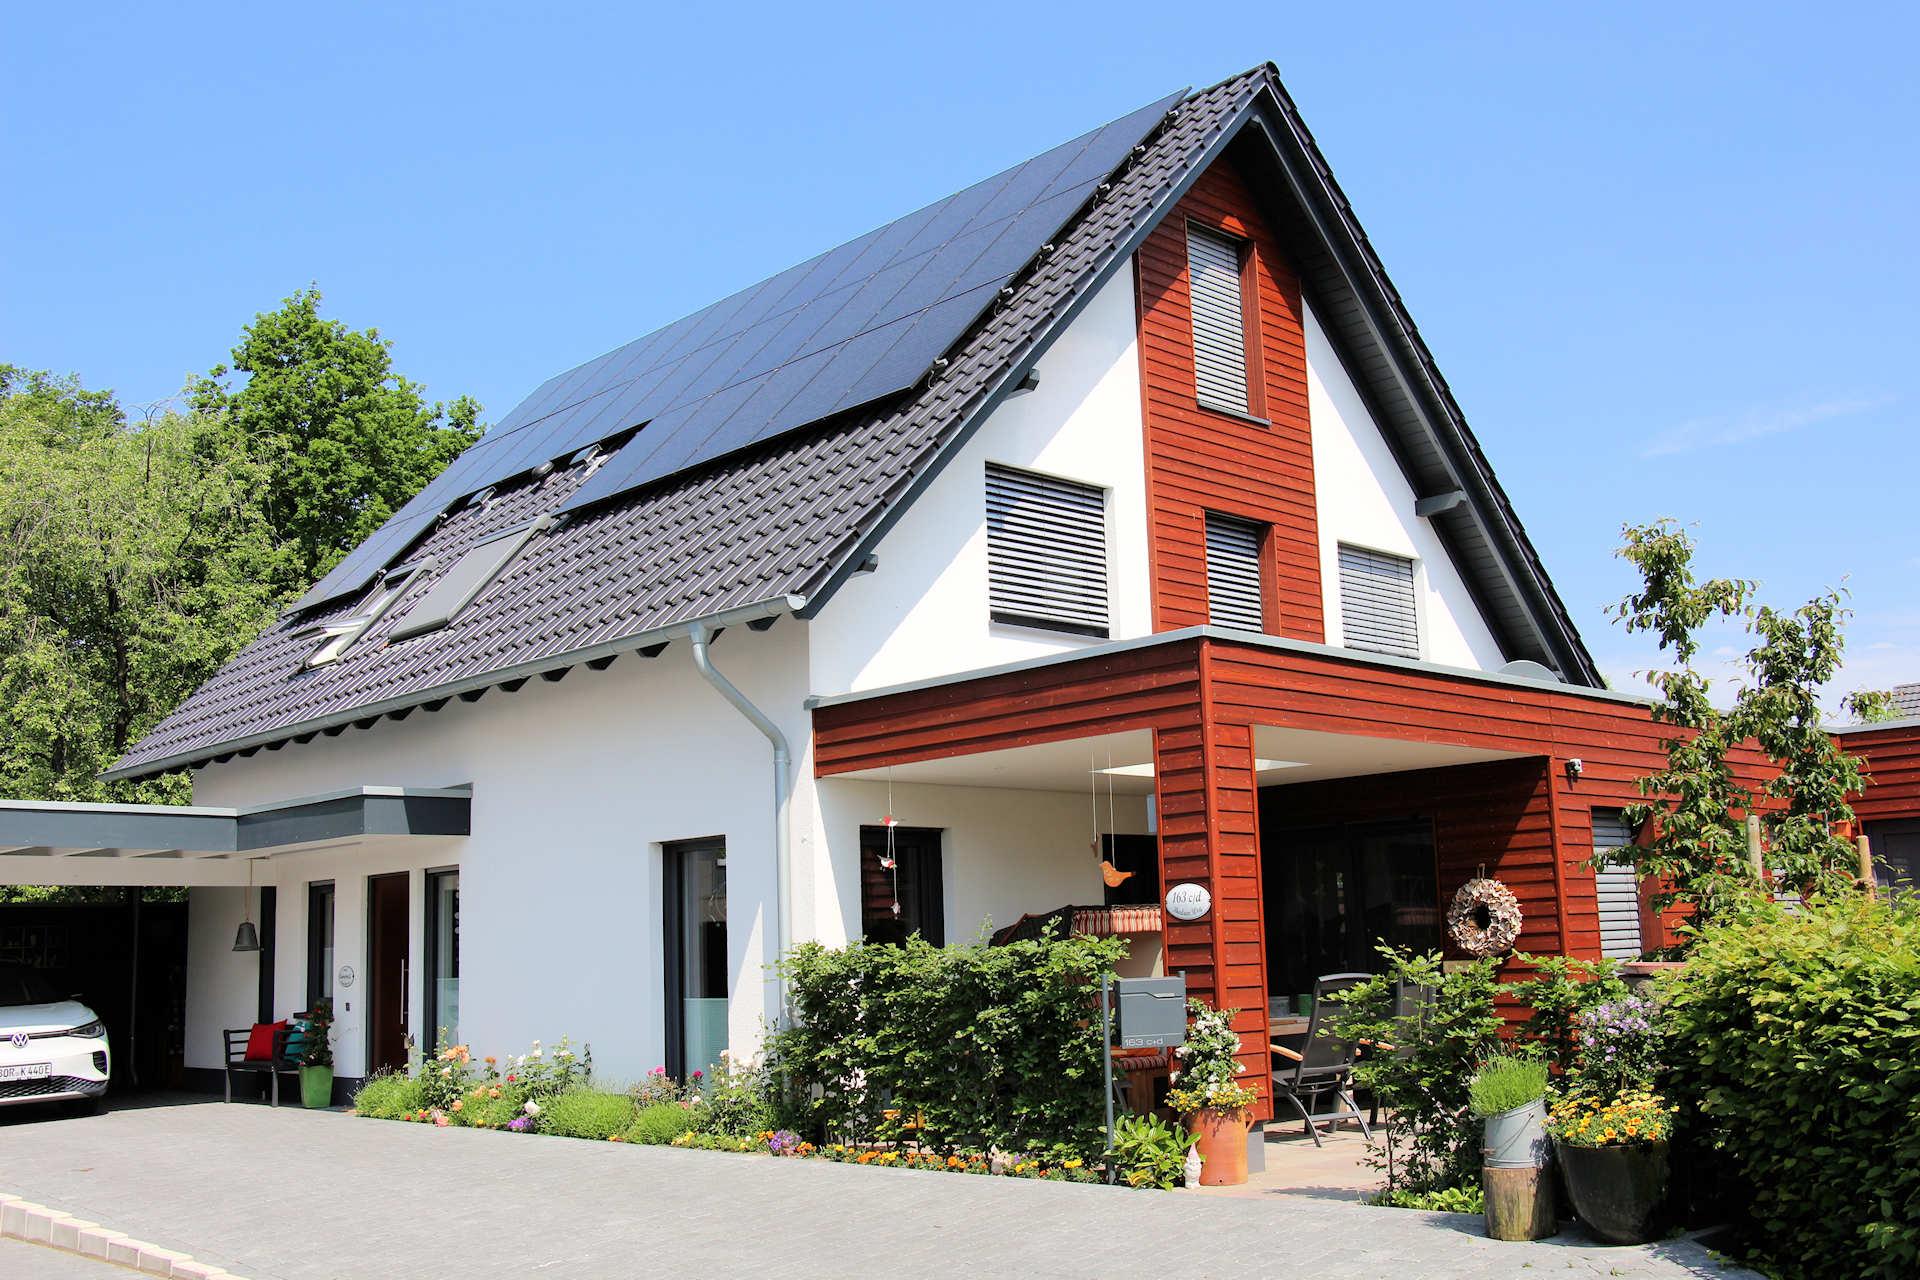 individuelles Wohnhaus mit Satteldach, Terrassenüberdachung